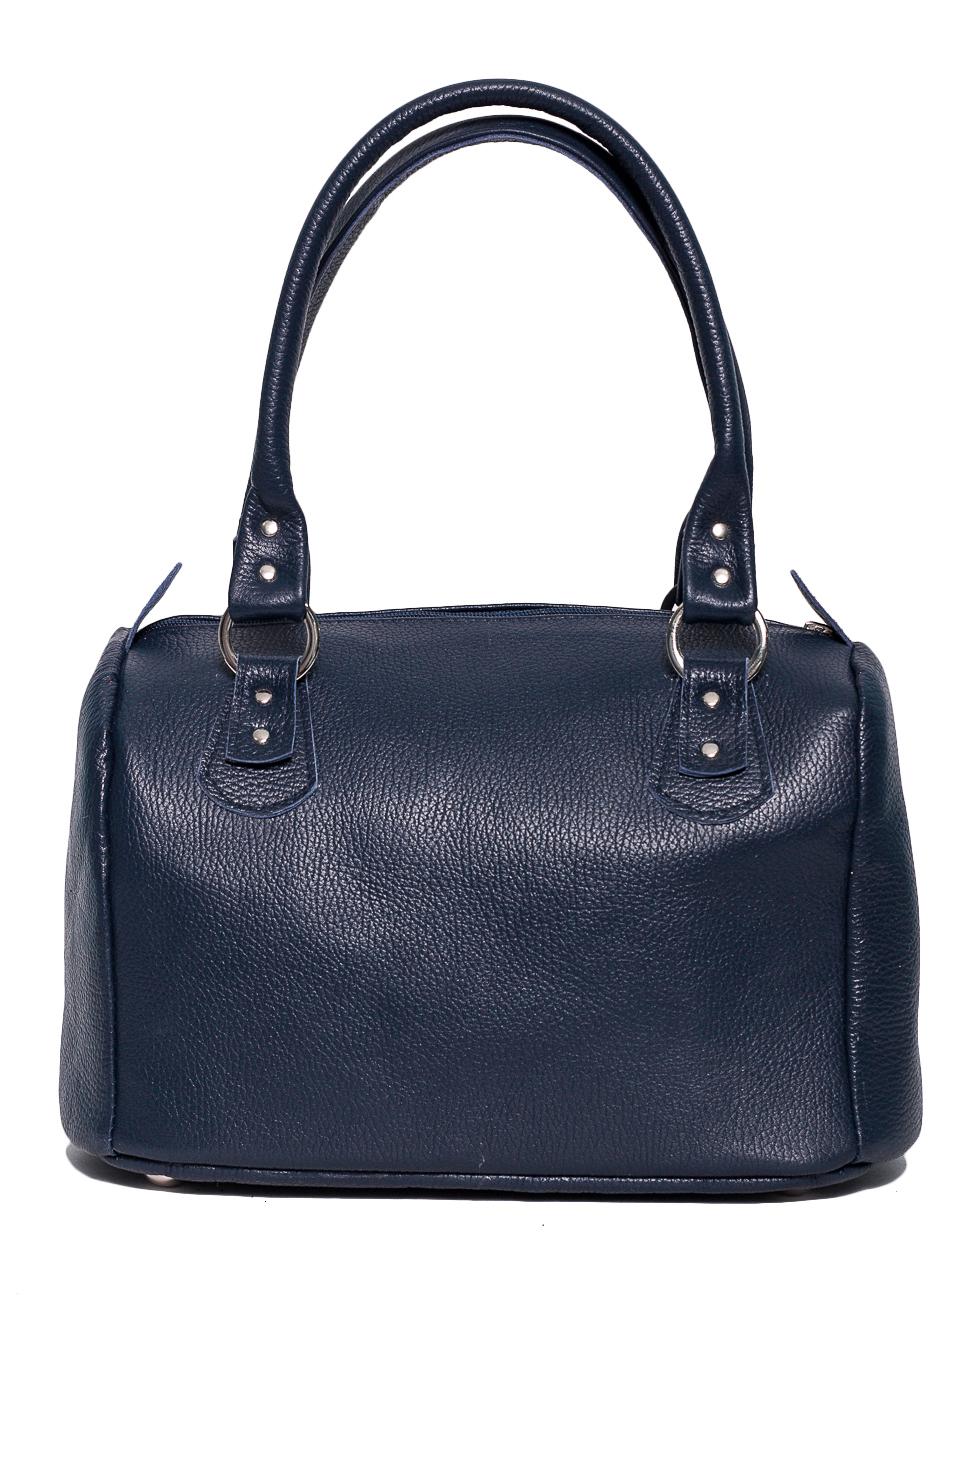 СумкаКлассические<br>Удобная и вместительная женская сумка. В сумке одно большое отделение,1 карман на замке, 2 маленьких.  Состав: верх - натуральная кожа Крс 100 %, подклад - полиэстер  Размеры: 25*28*18 см  Цвет: синий<br><br>Отделения: 1 отделение<br>По материалу: Натуральная кожа<br>По размеру: Средние<br>По рисунку: Однотонные<br>По способу ношения: В руках,На запастье<br>По типу застежки: С застежкой молнией<br>По элементам: Карман под телефон<br>Ручки: Короткие<br>По форме: Полукруглые<br>Размер : UNI<br>Материал: Натуральная кожа<br>Количество в наличии: 1